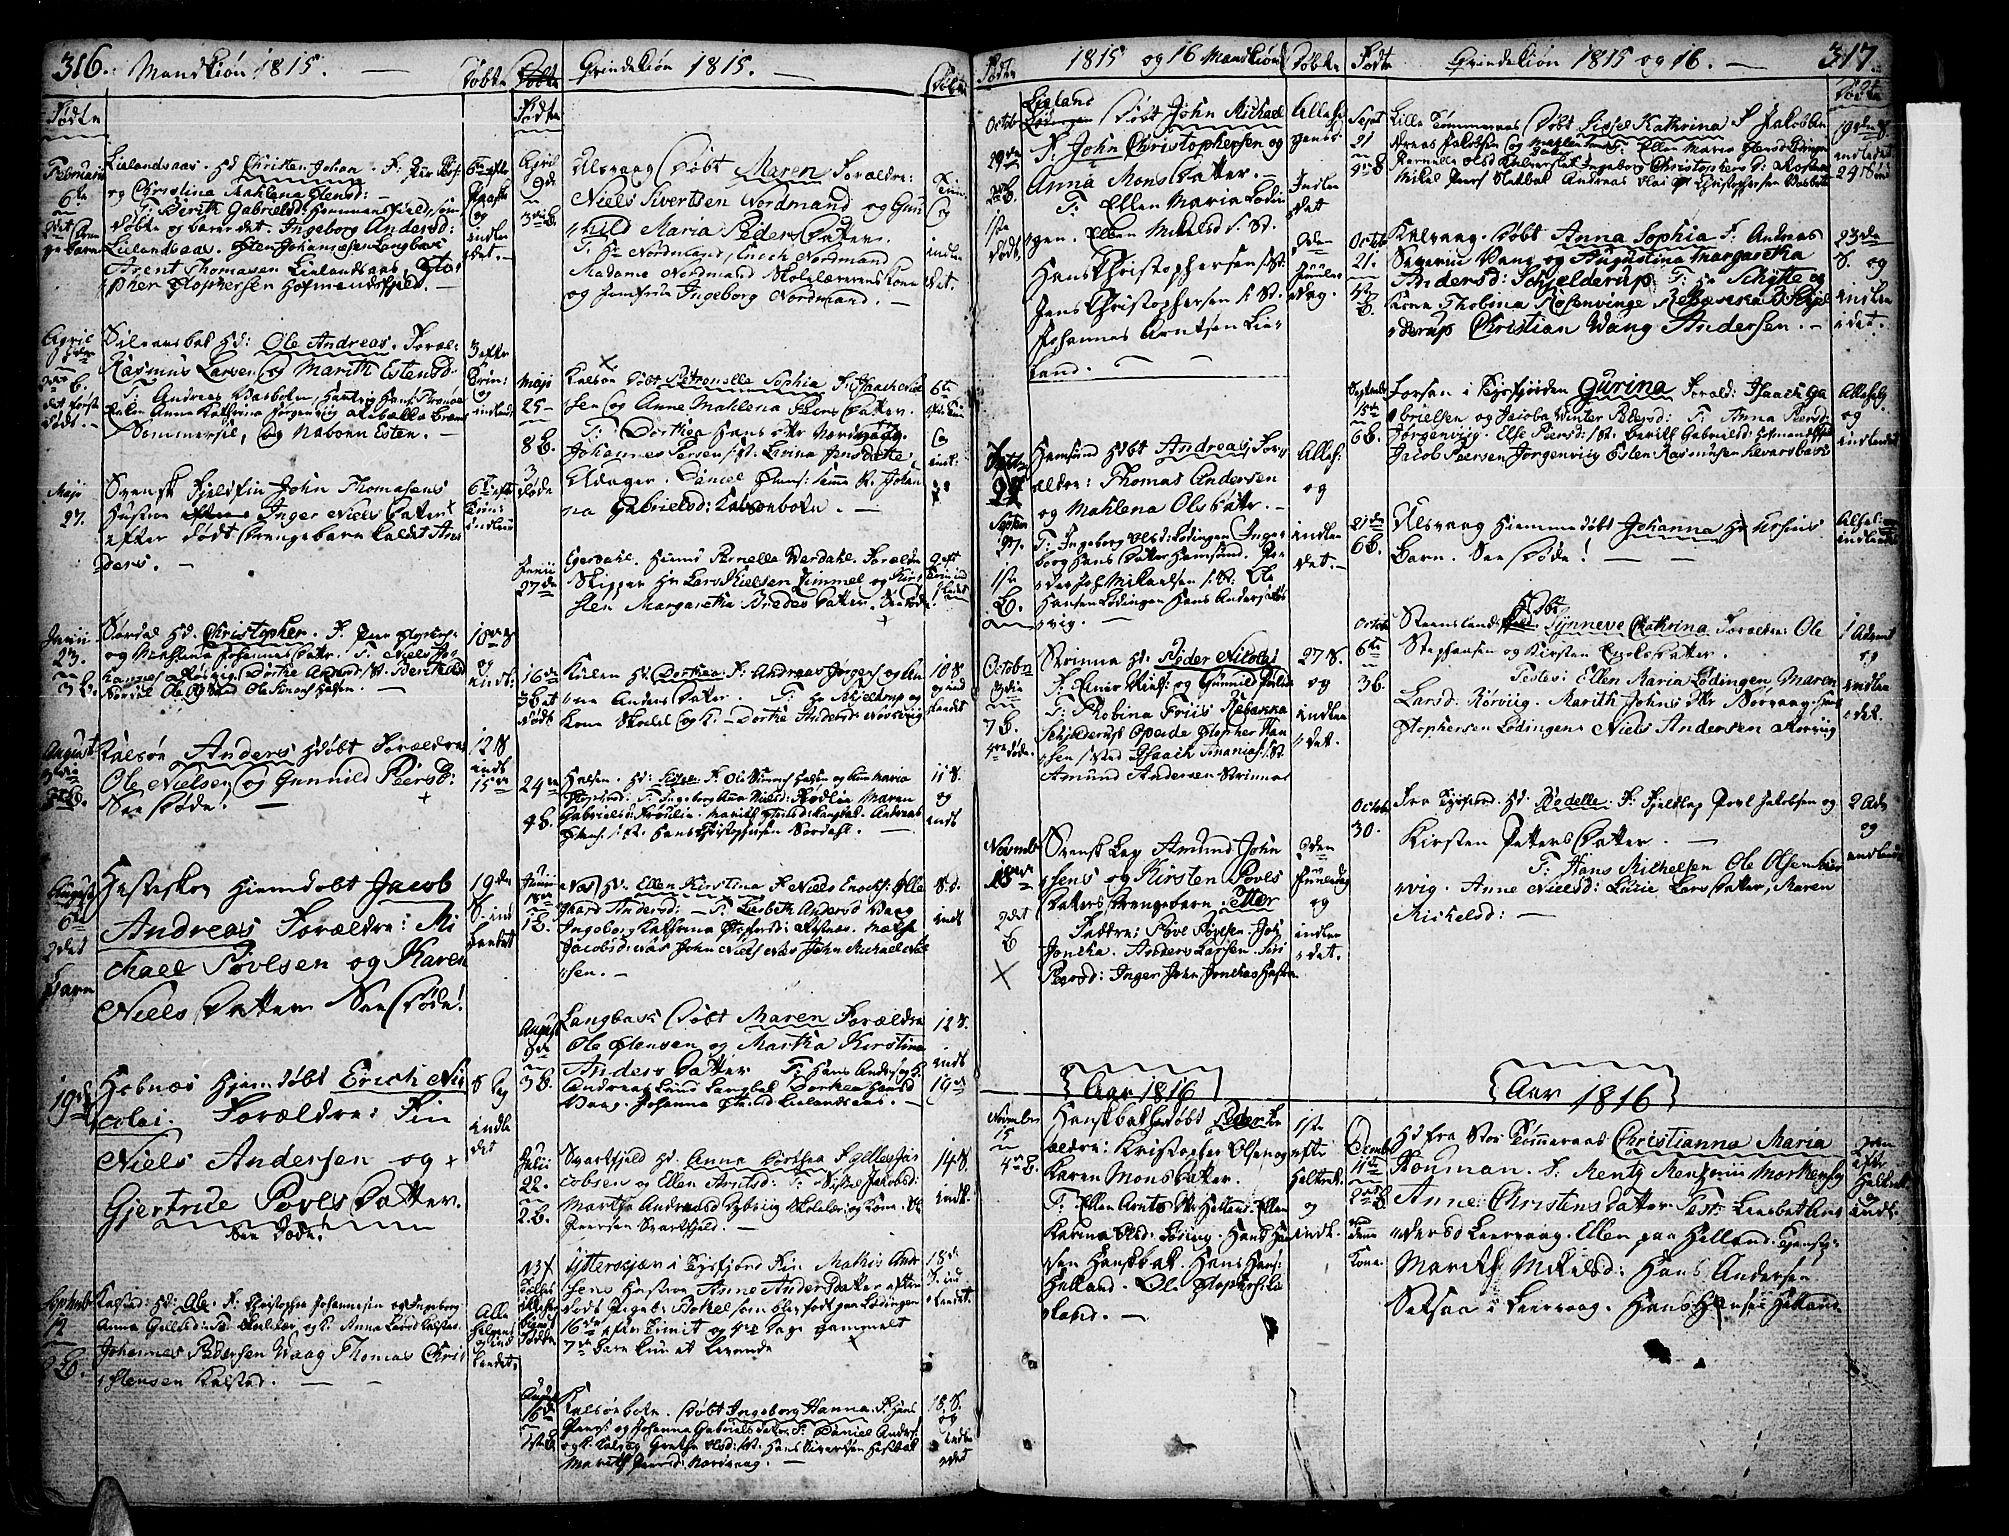 SAT, Ministerialprotokoller, klokkerbøker og fødselsregistre - Nordland, 859/L0841: Parish register (official) no. 859A01, 1766-1821, p. 316-317